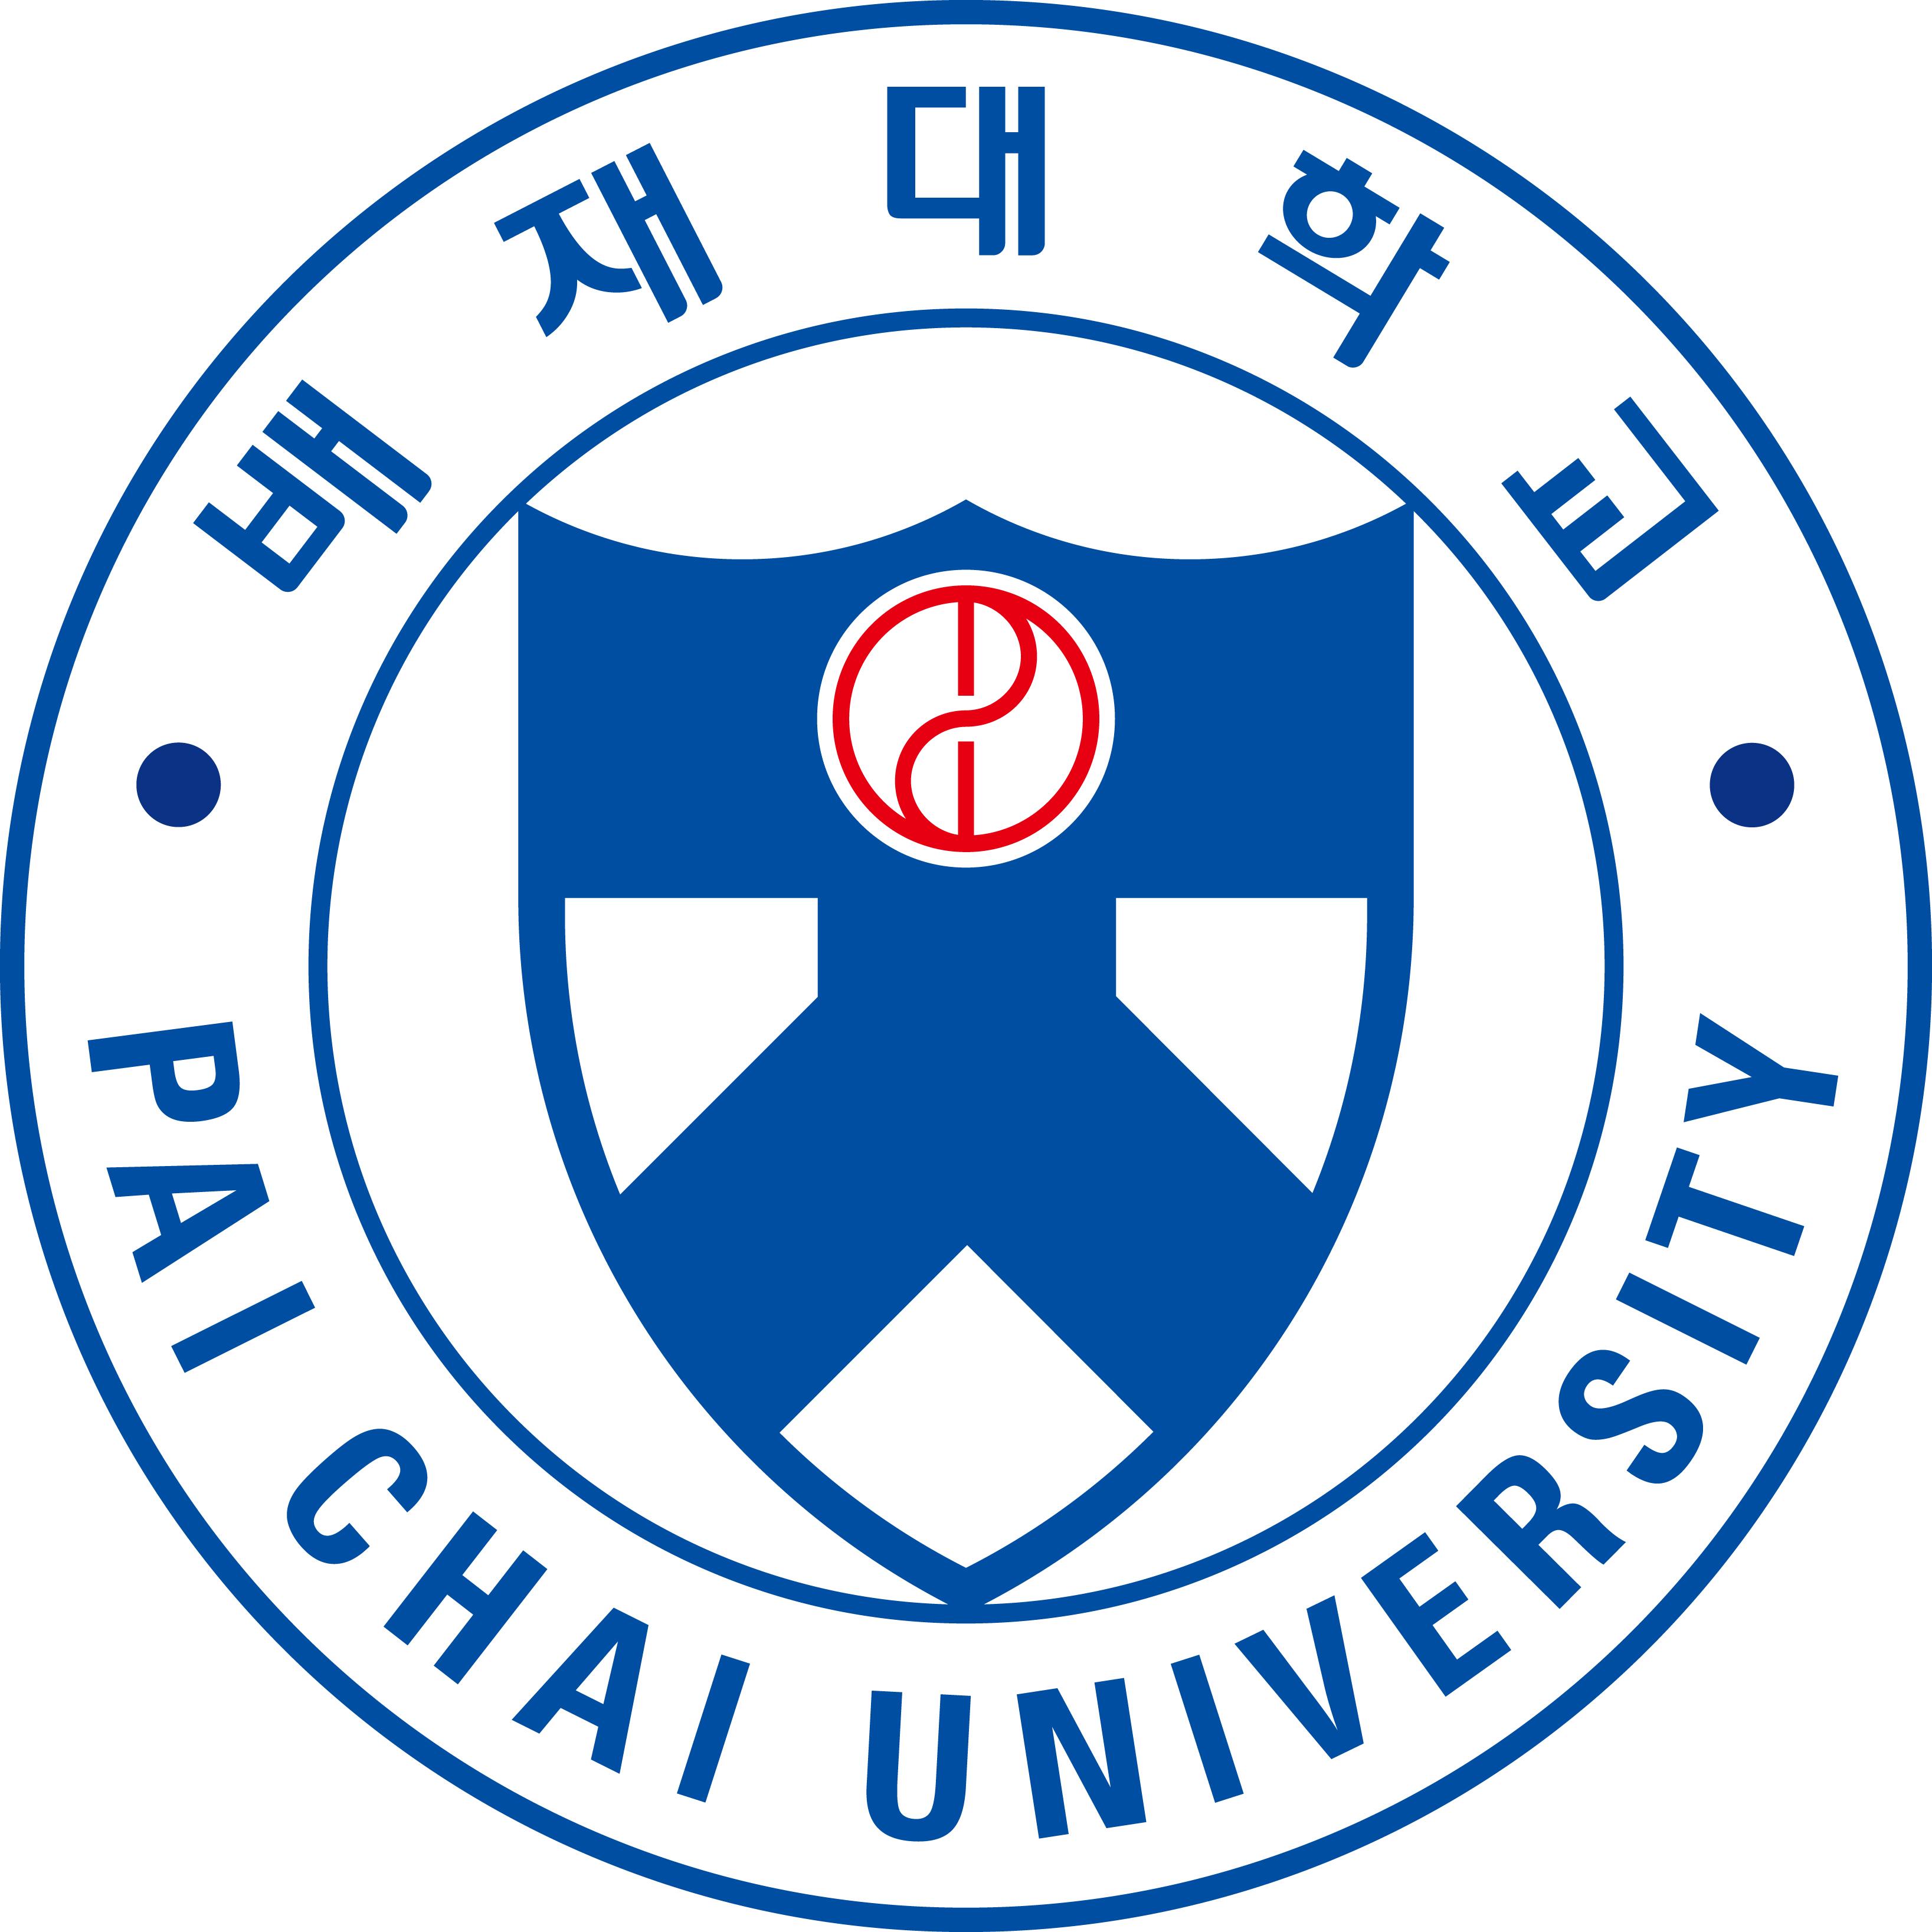 Paichai University - Đại học Paichai Hàn Quốc